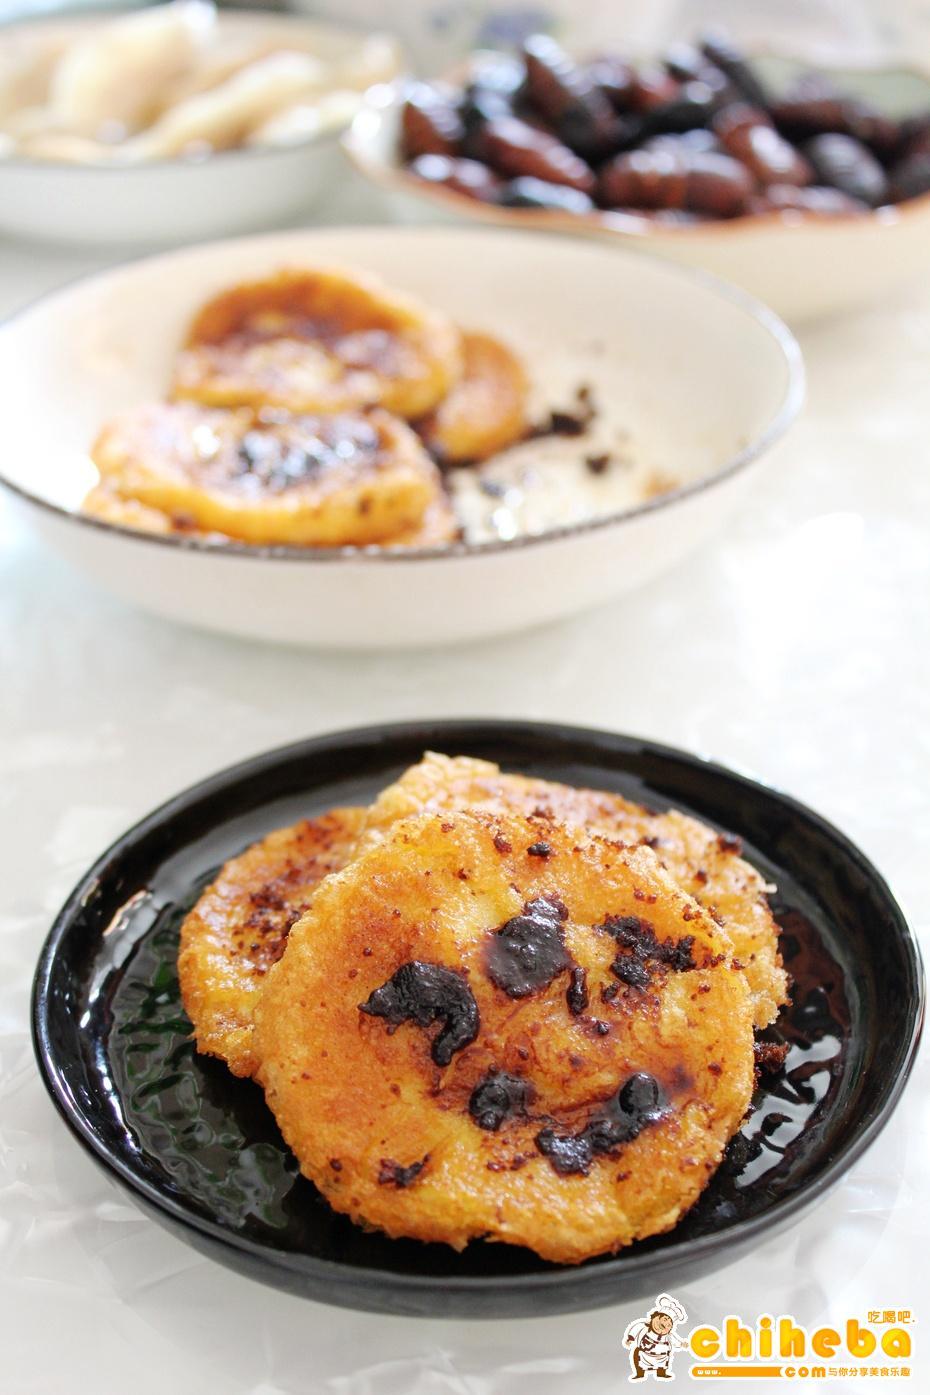 山西特色小吃-红糖煎黄糕